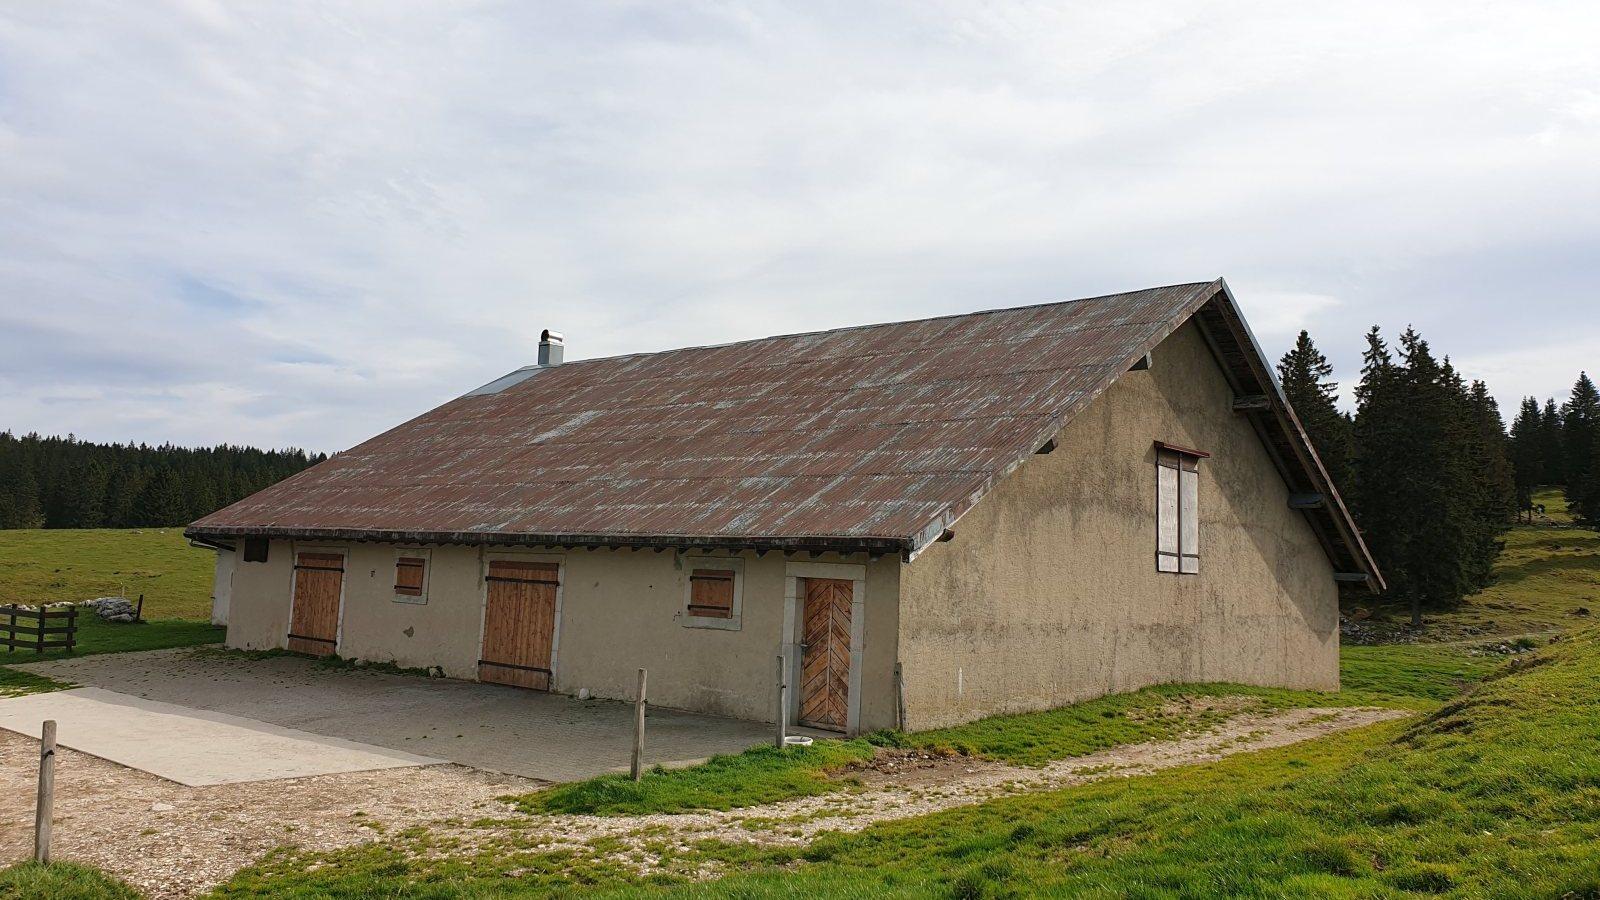 Chalet du Chef - Le Chenit - Vaud - Suisse